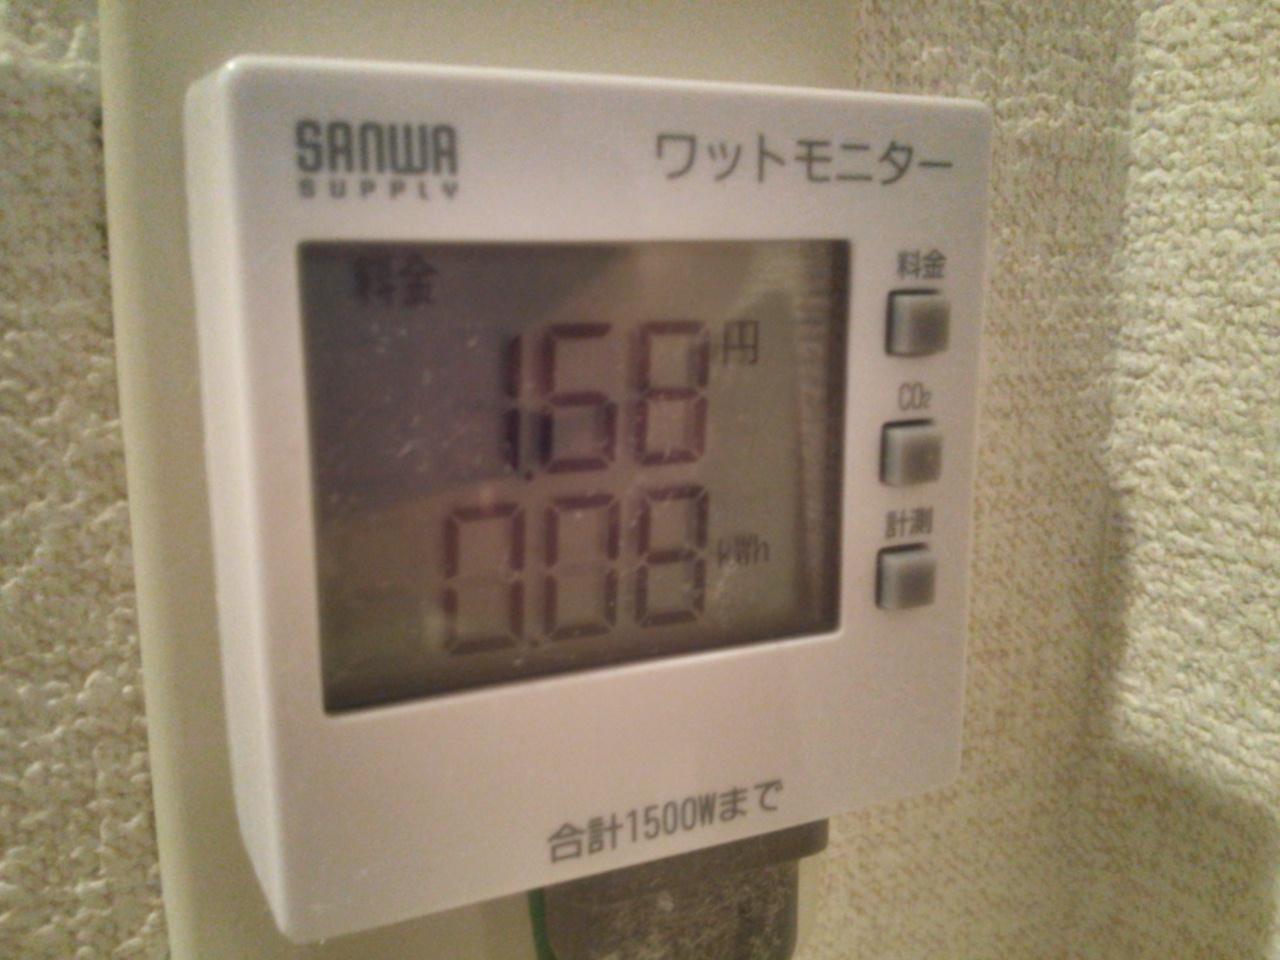 2012-08-04 10.56.32.jpg